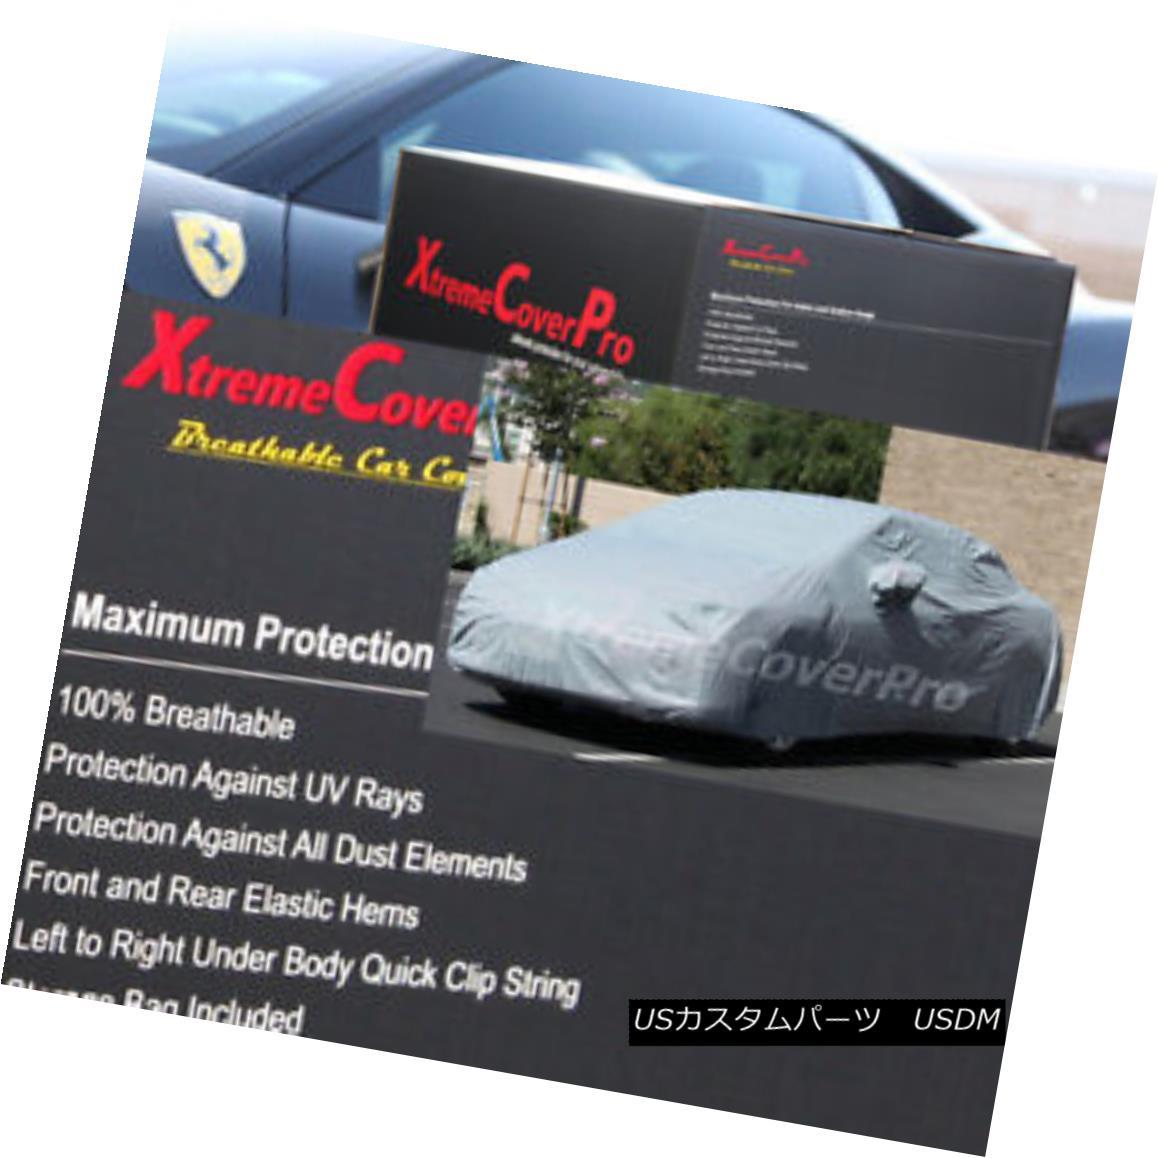 カーカバー 1988 1989 Chrysler Lebaron Convertible Breathable Car Cover w/MirrorPocket 1988 1989クライスラーレバノンコンバーチブル通気性車カバー付き/ MirrorPocket